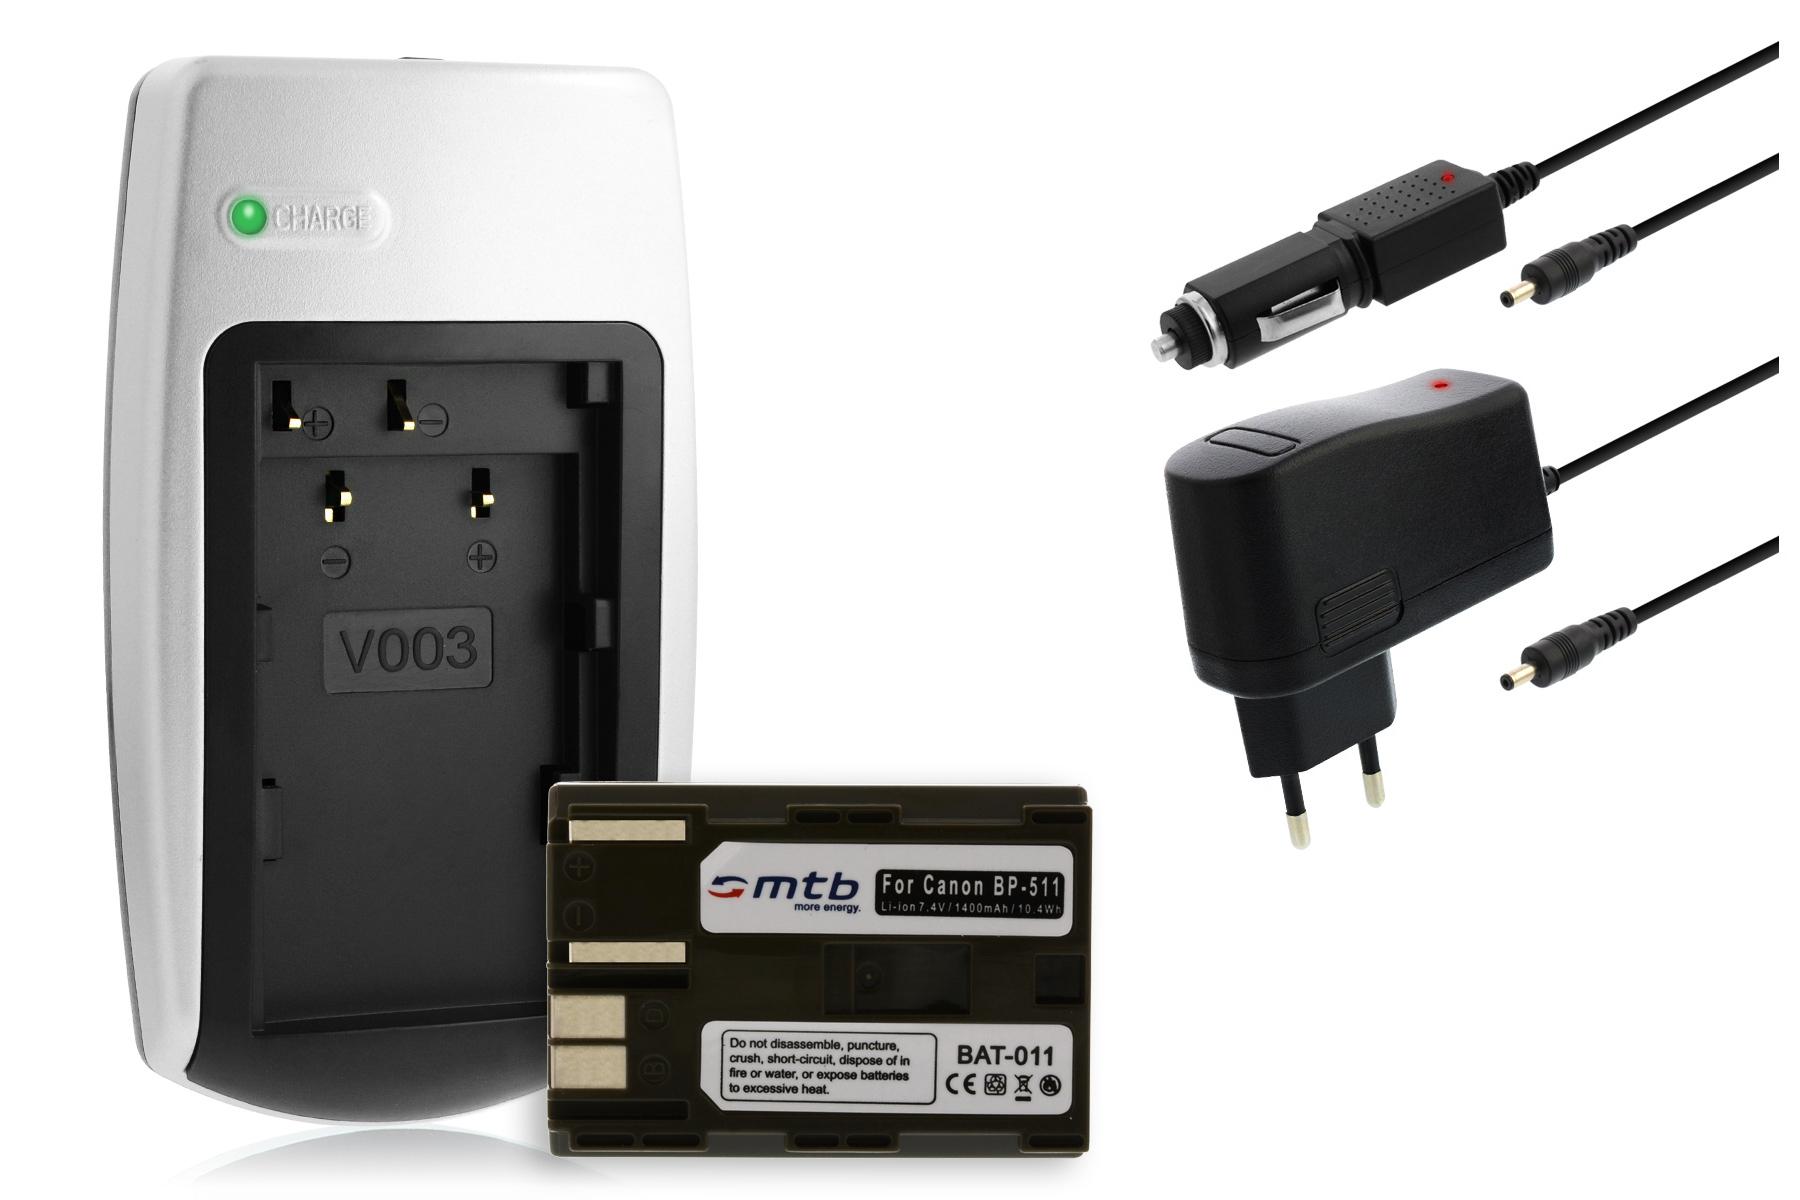 chargeur batterie pour canon eos 5d 10d 20d 20da 30d. Black Bedroom Furniture Sets. Home Design Ideas